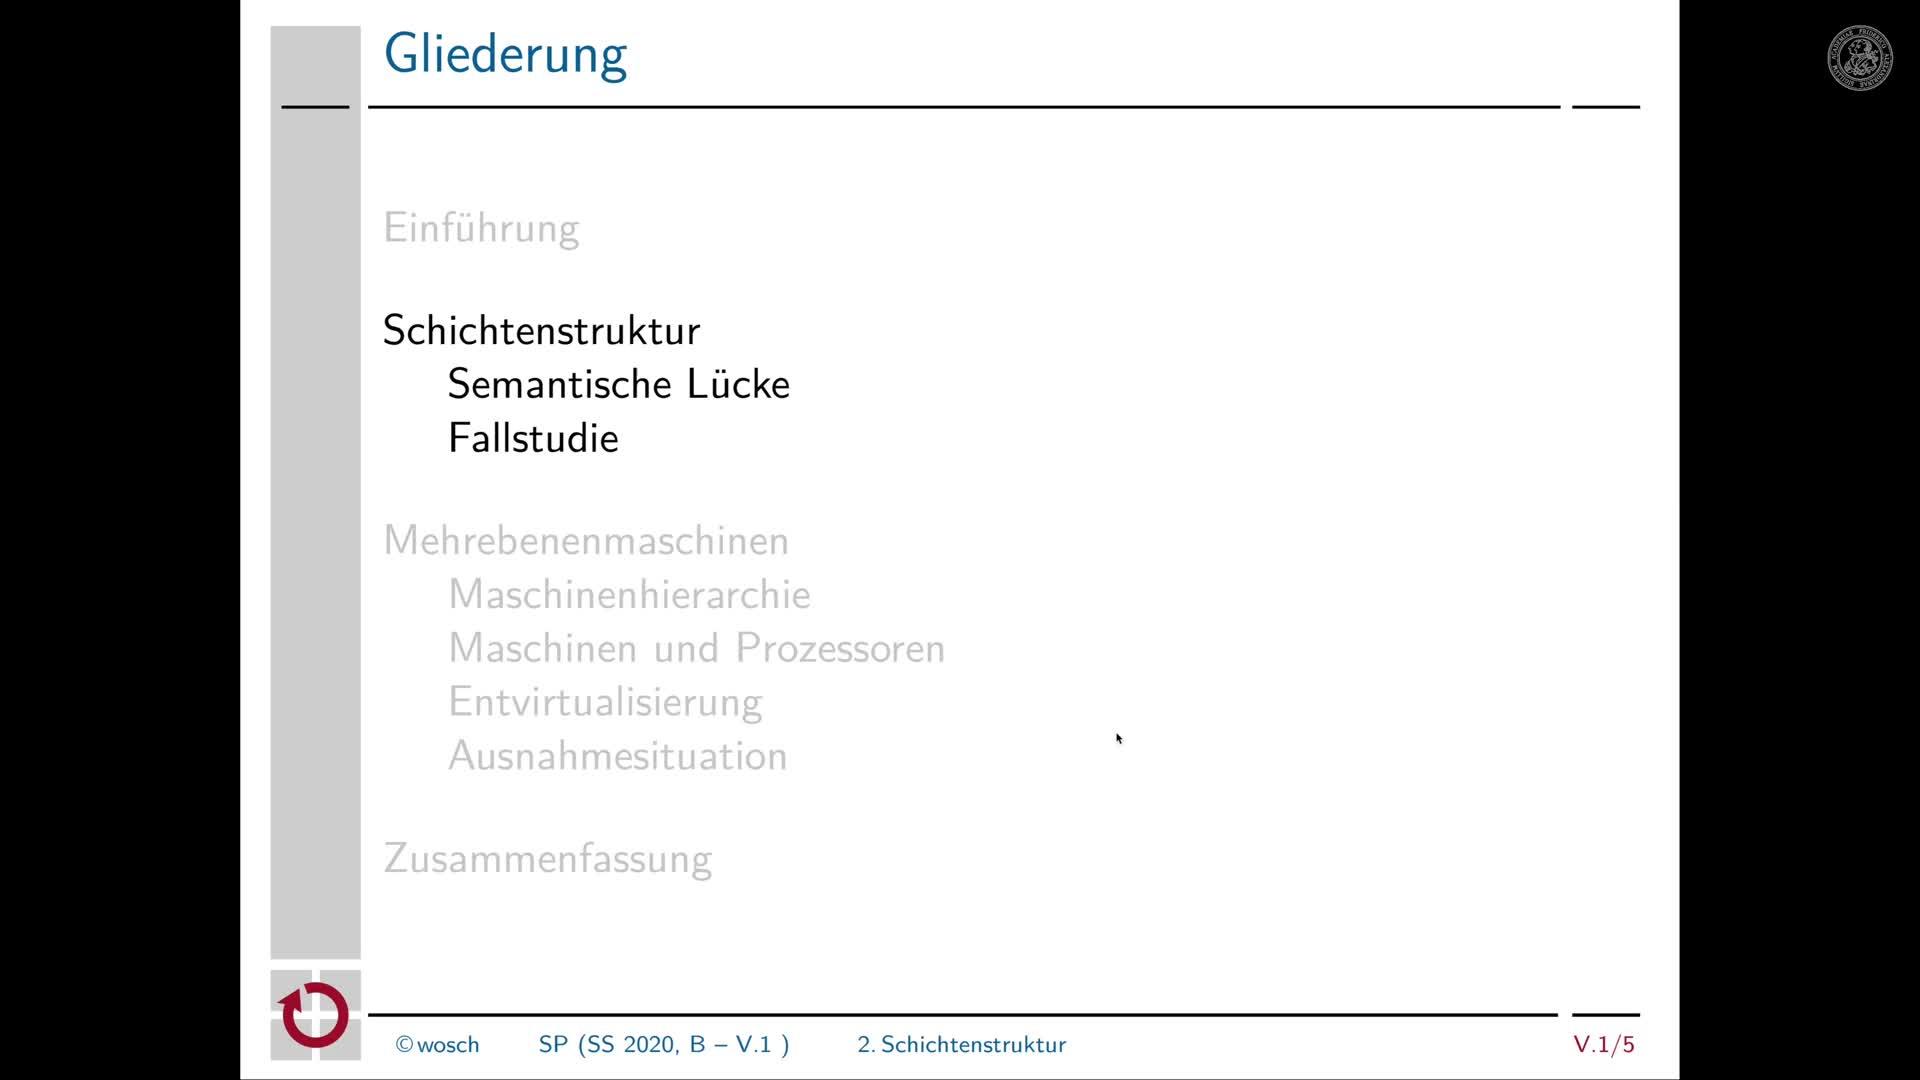 5.1.3 Rechnerorganisation: Schichtenstruktur und semantische Lücke preview image